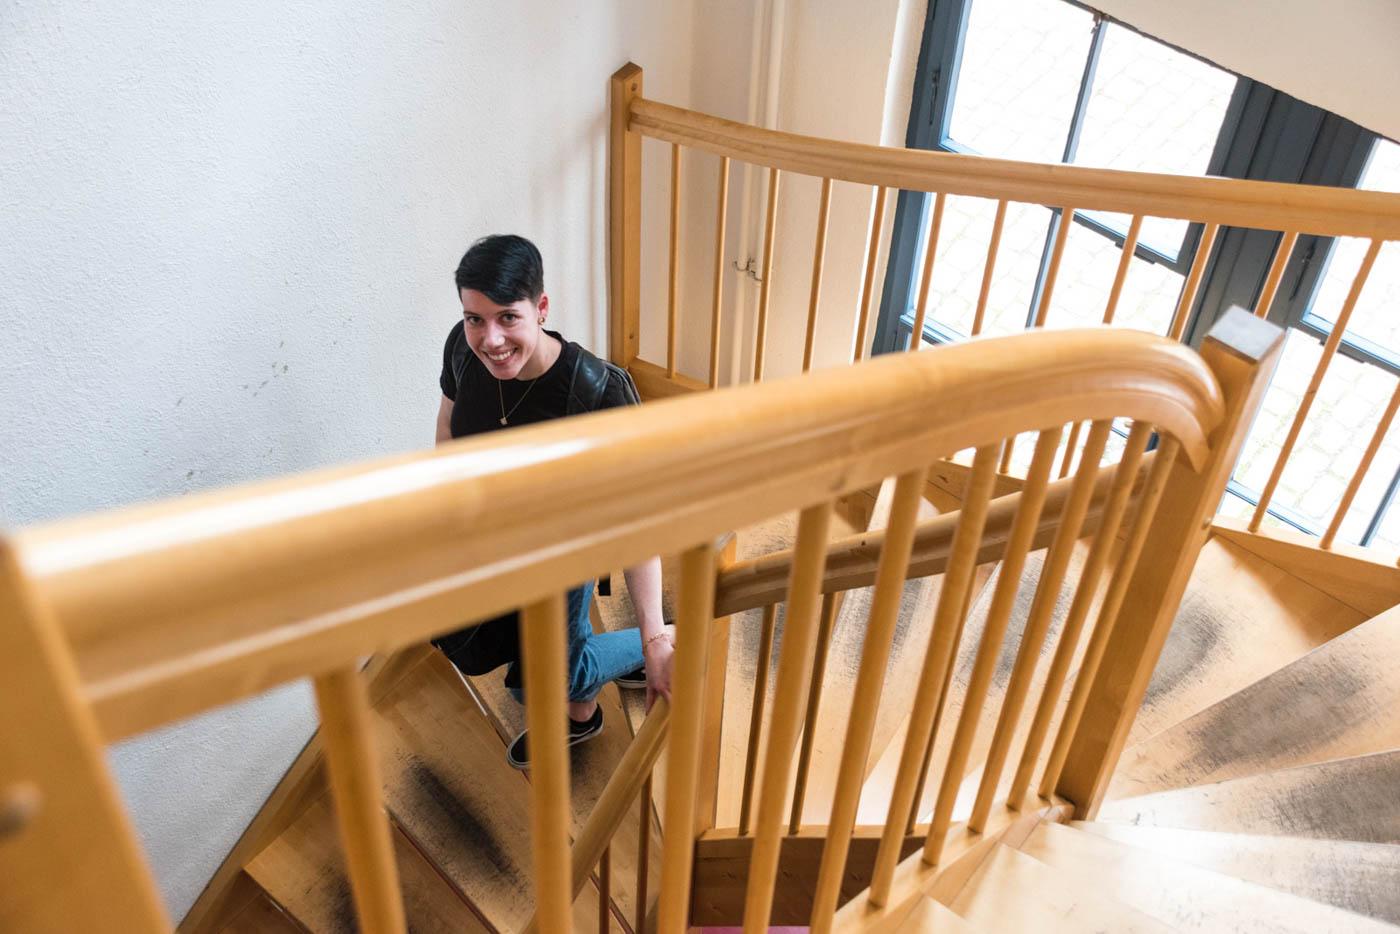 Samira geht Treppe im Institutsgebäude herunter